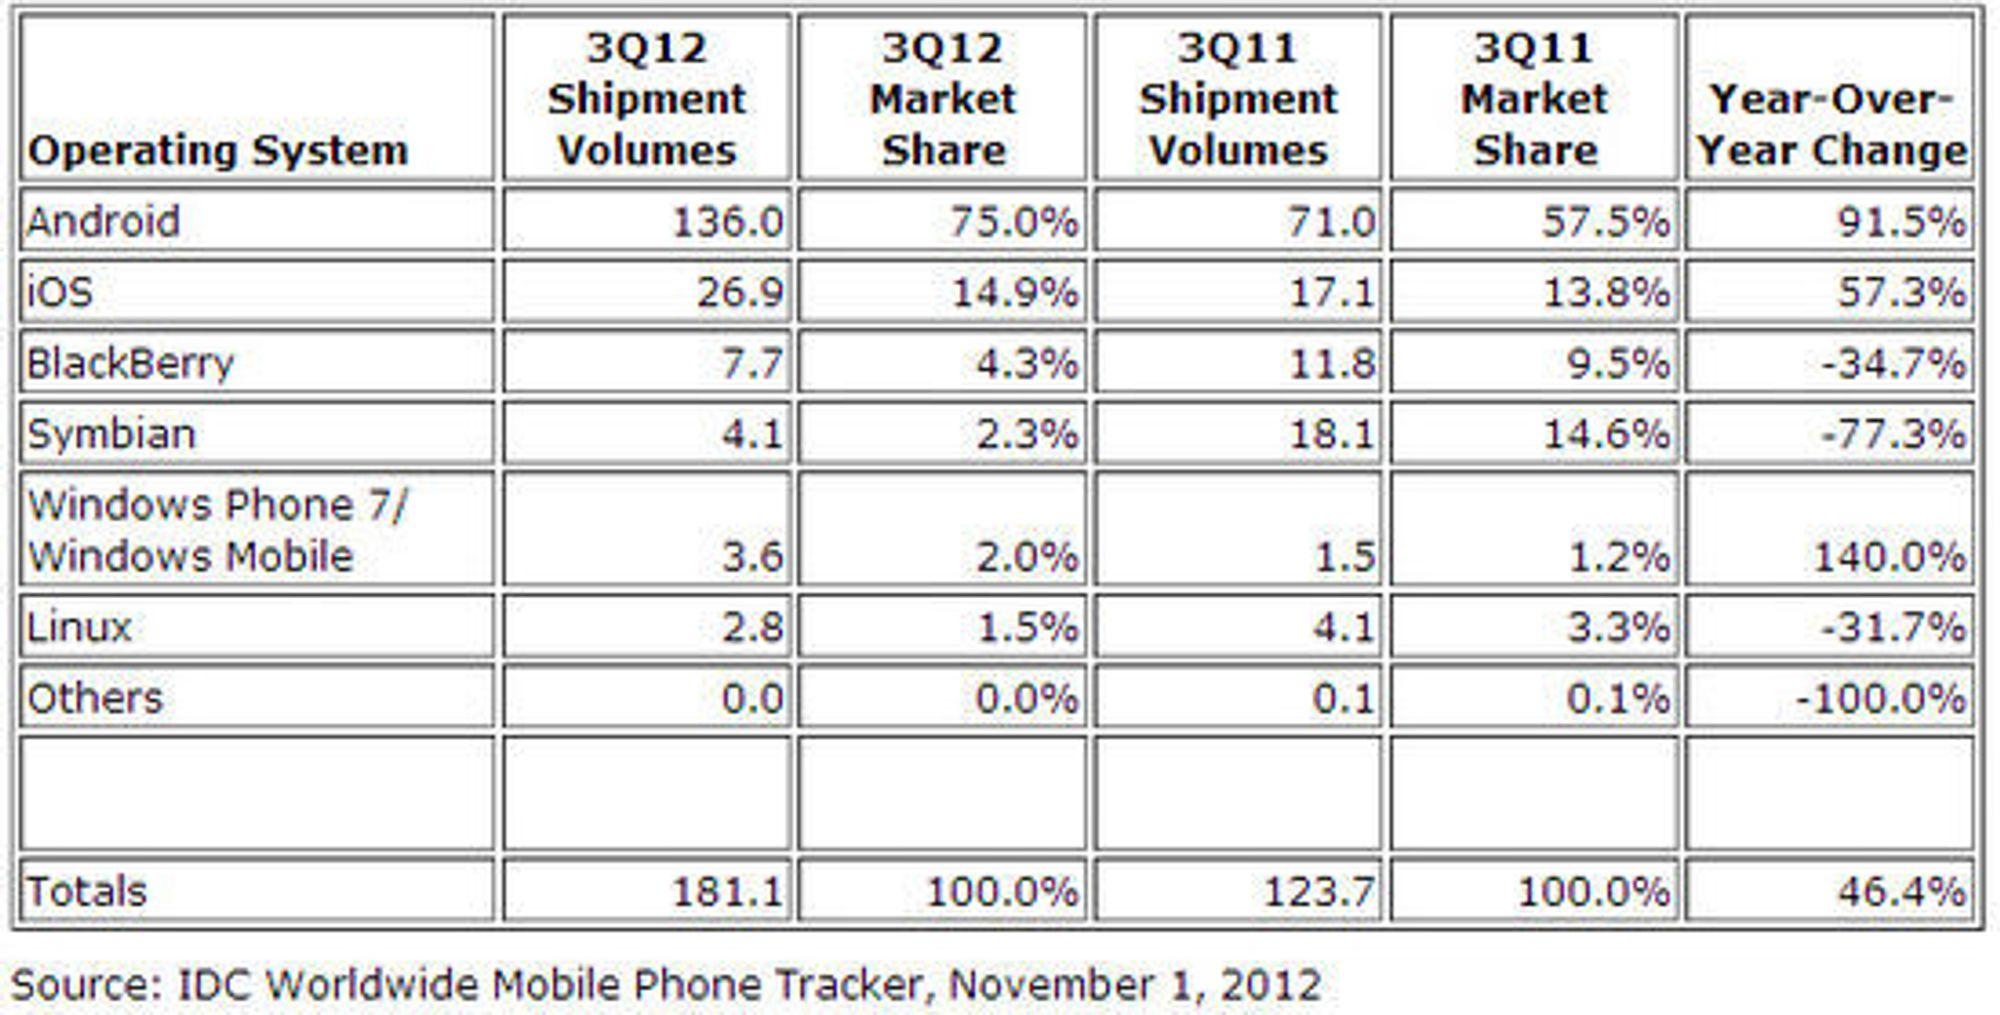 Foreløpige tall for leveransene av smartmobiler i tredje kvartal 2012, sammenlignet med samme periode i 2011. Enhet for tallene er millioner enheter.